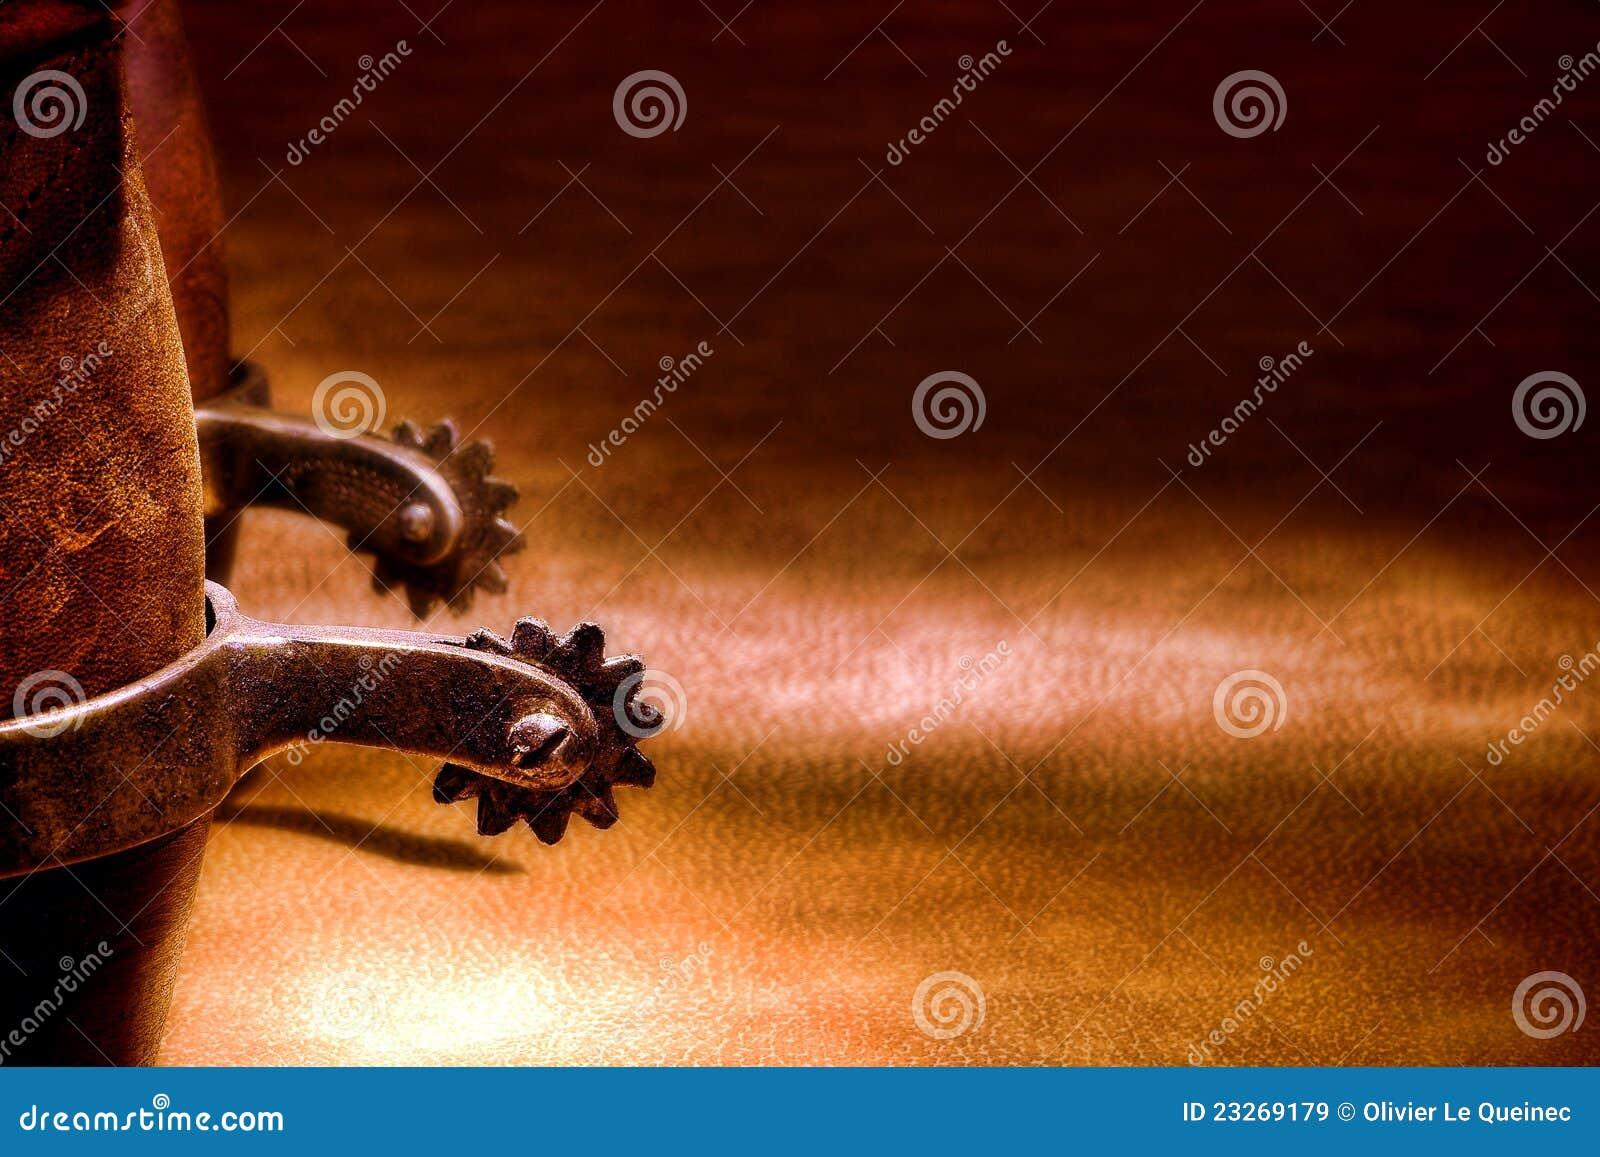 De Amerikaanse Laarzen van de Cowboy van de Rodeo van het Westen met het Berijden van Aansporingen